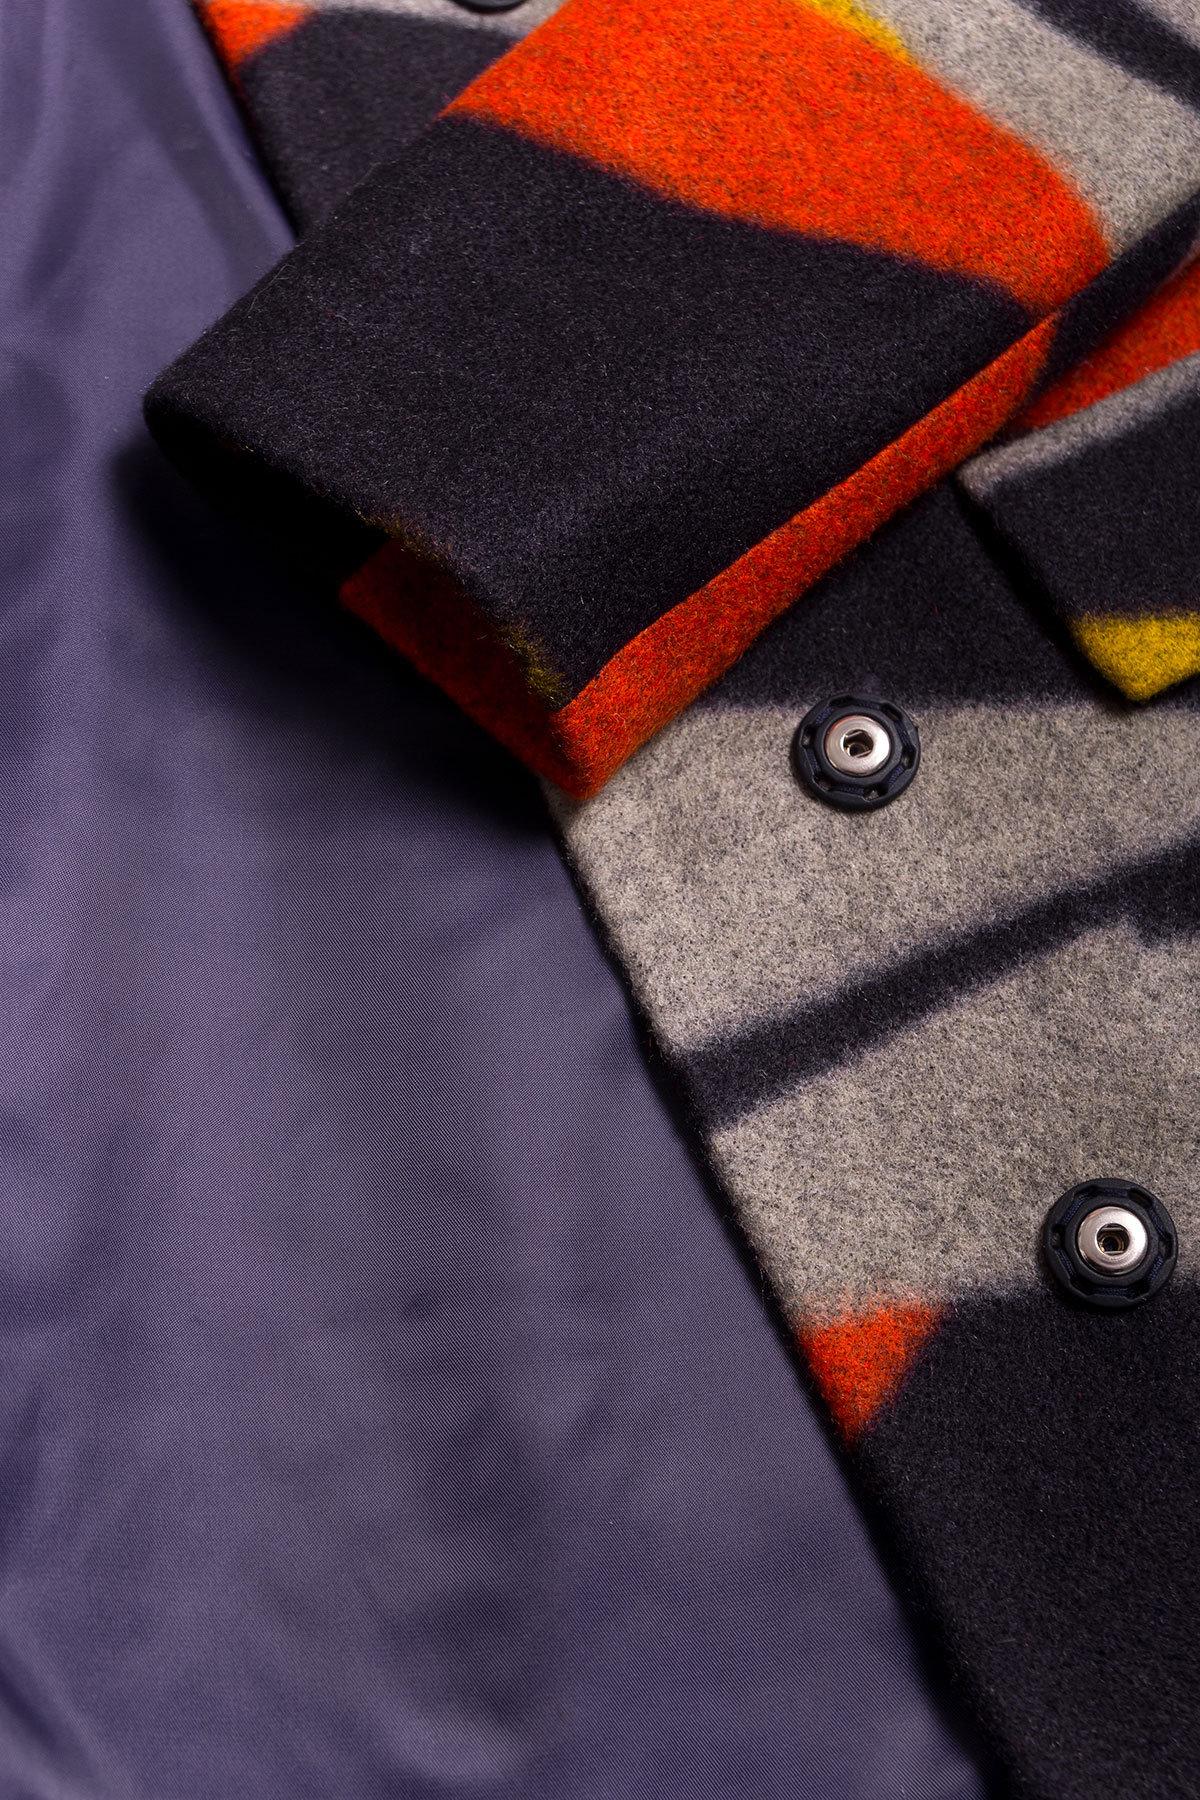 Пальто Микадо 1551  АРТ. 9220 Цвет: Тёмно-синий/серый/теракот/жёлтая-рябь Д1/С1 - фото 5, интернет магазин tm-modus.ru